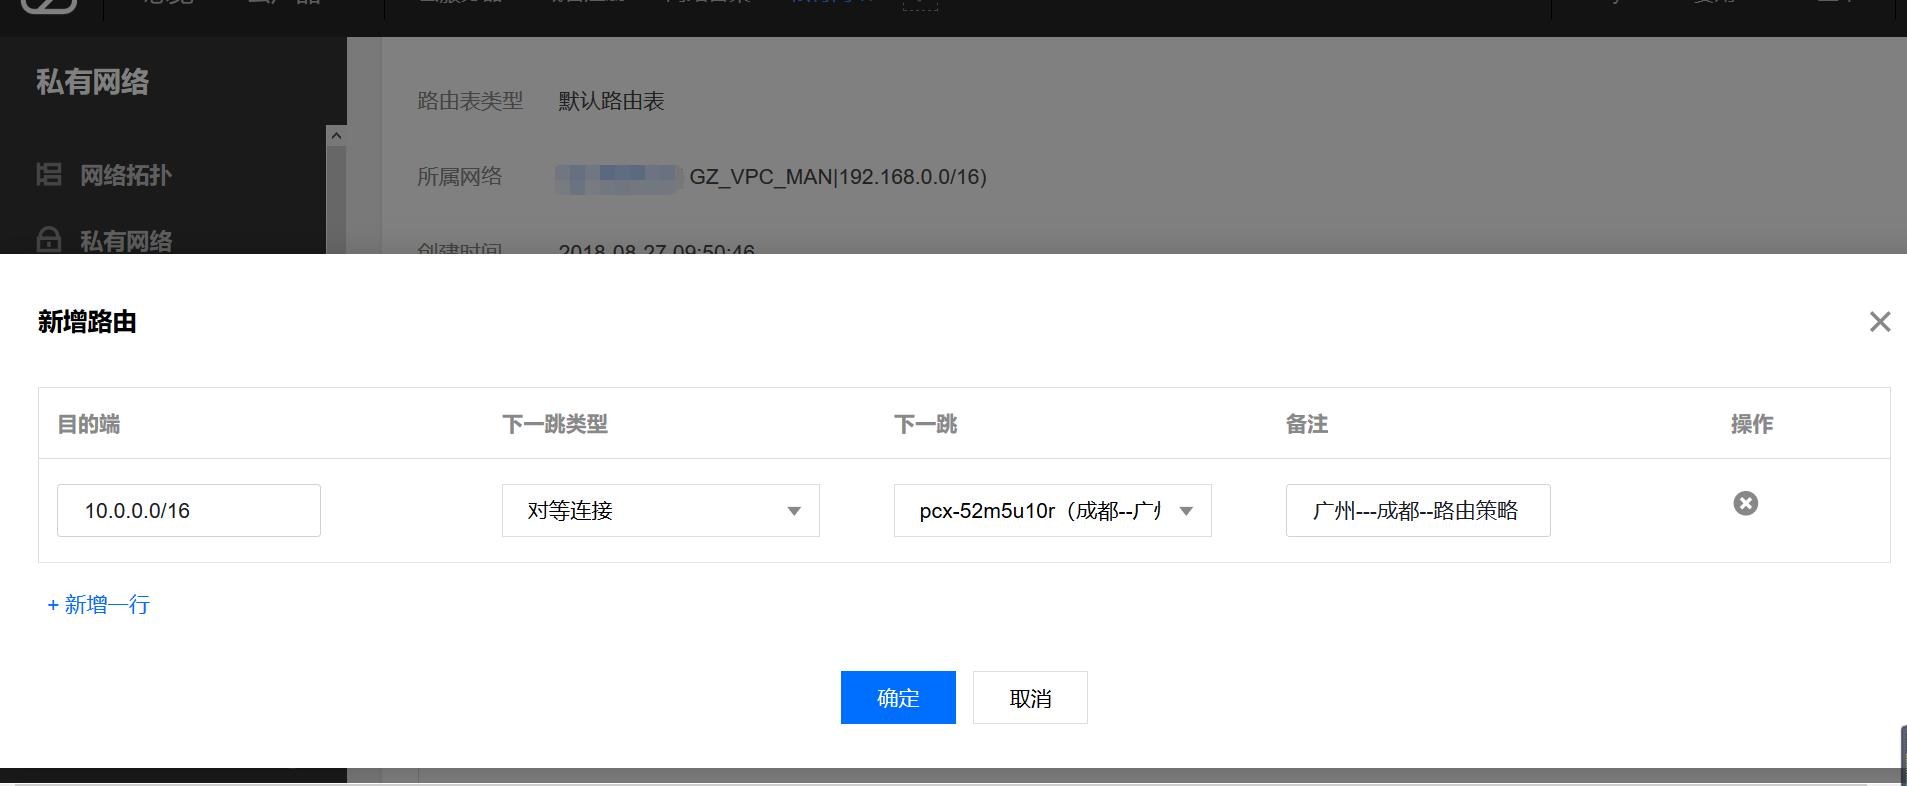 跨地域跨腾讯云账户VPC连接